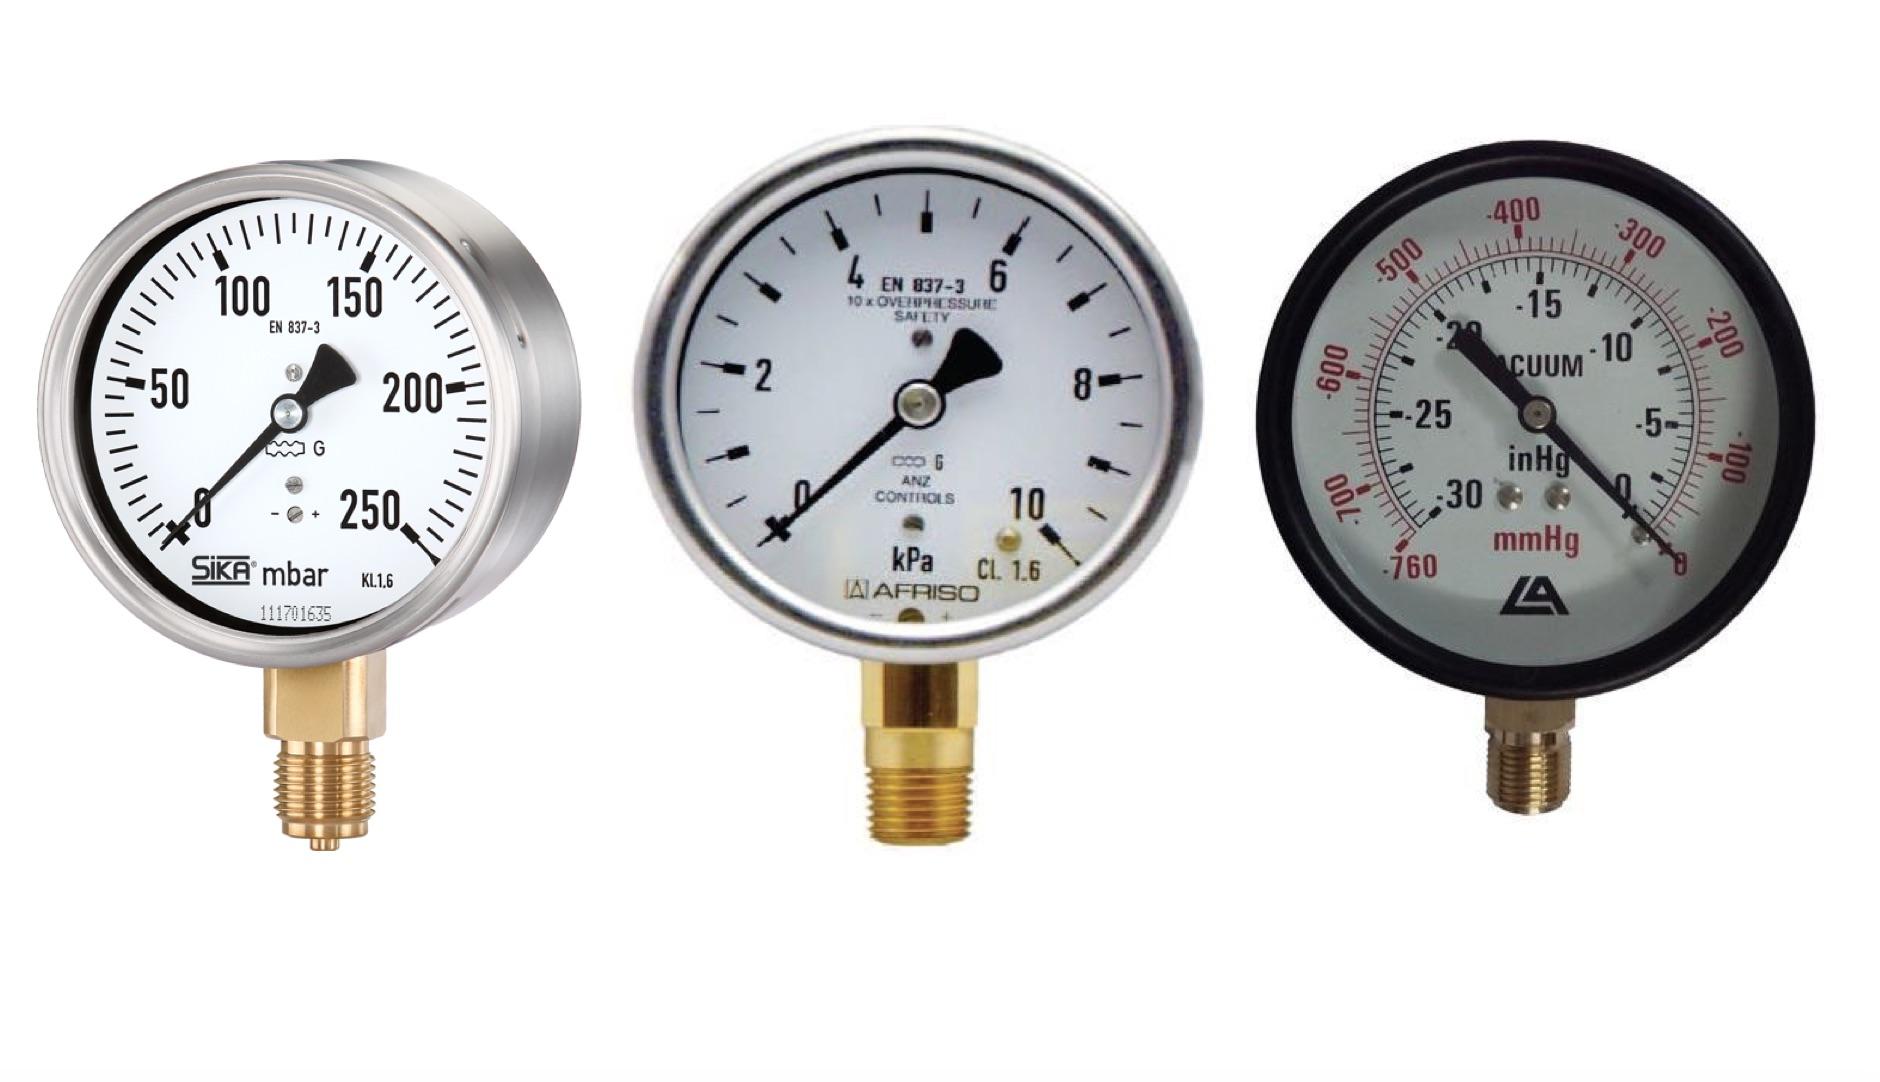 Đổi đơn vị áp suất như thế nào ? các đơn vị áp suất trên đồng hồ